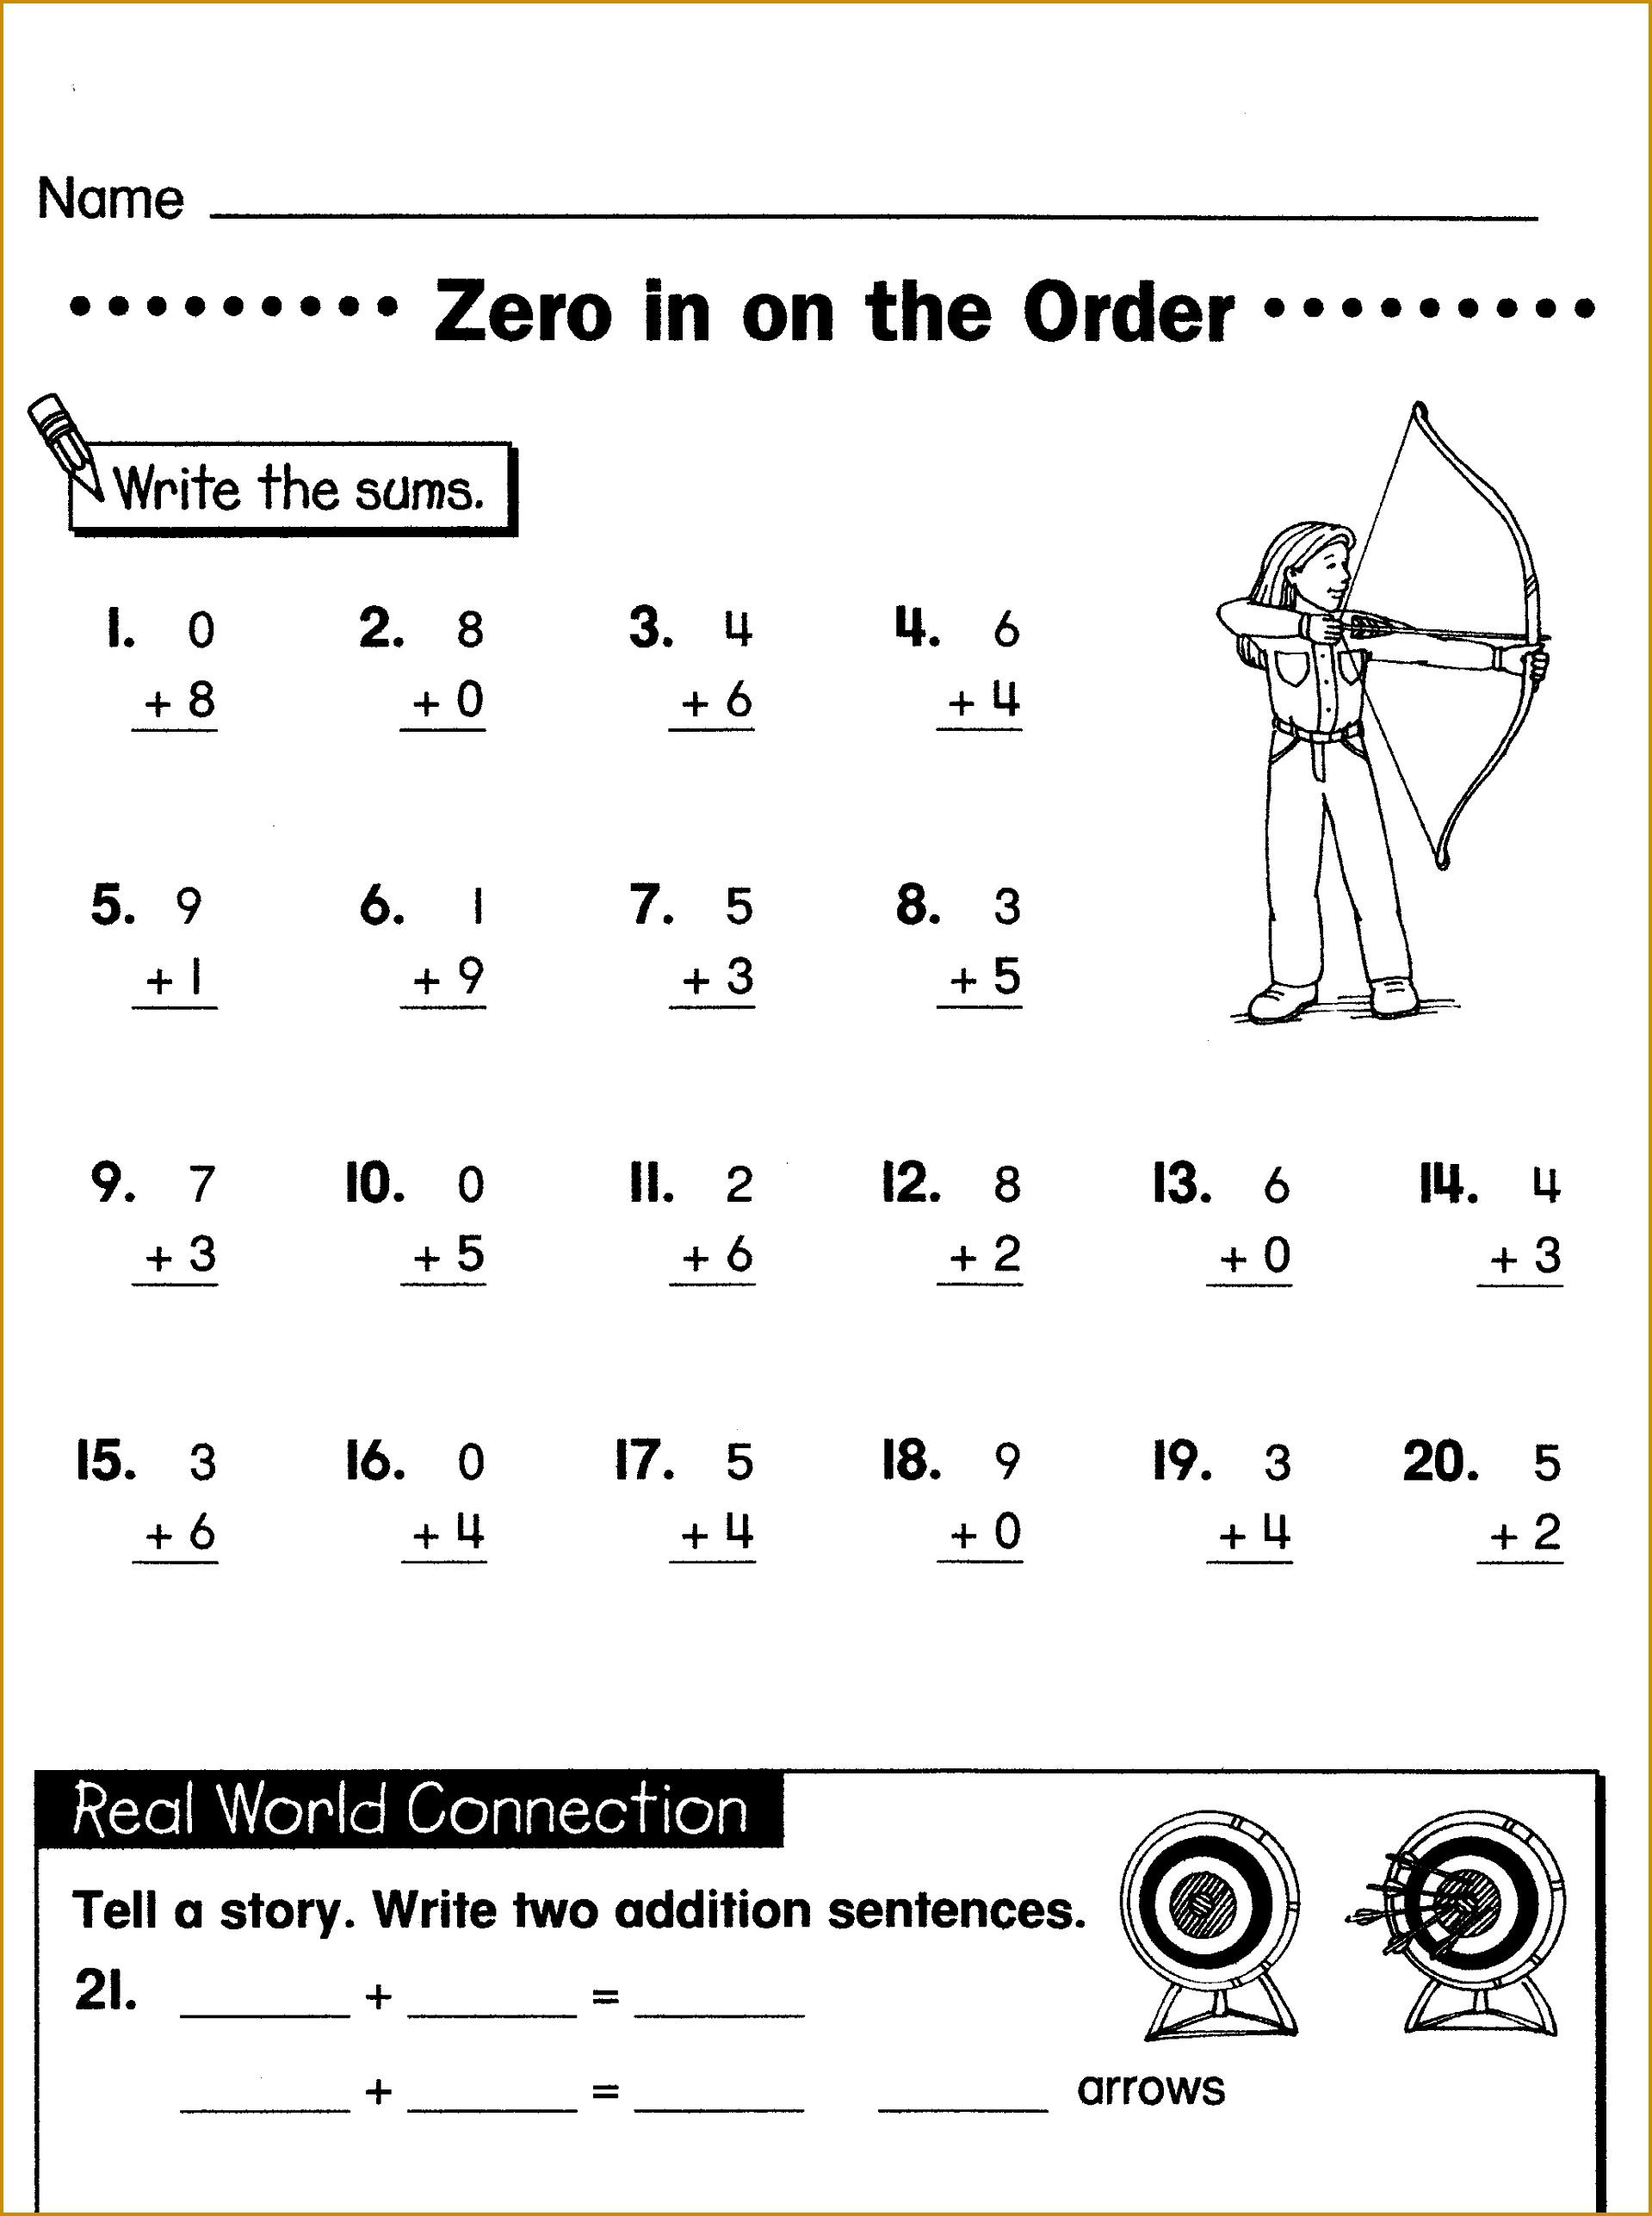 4 9th Grade Math Worksheets | FabTemplatez